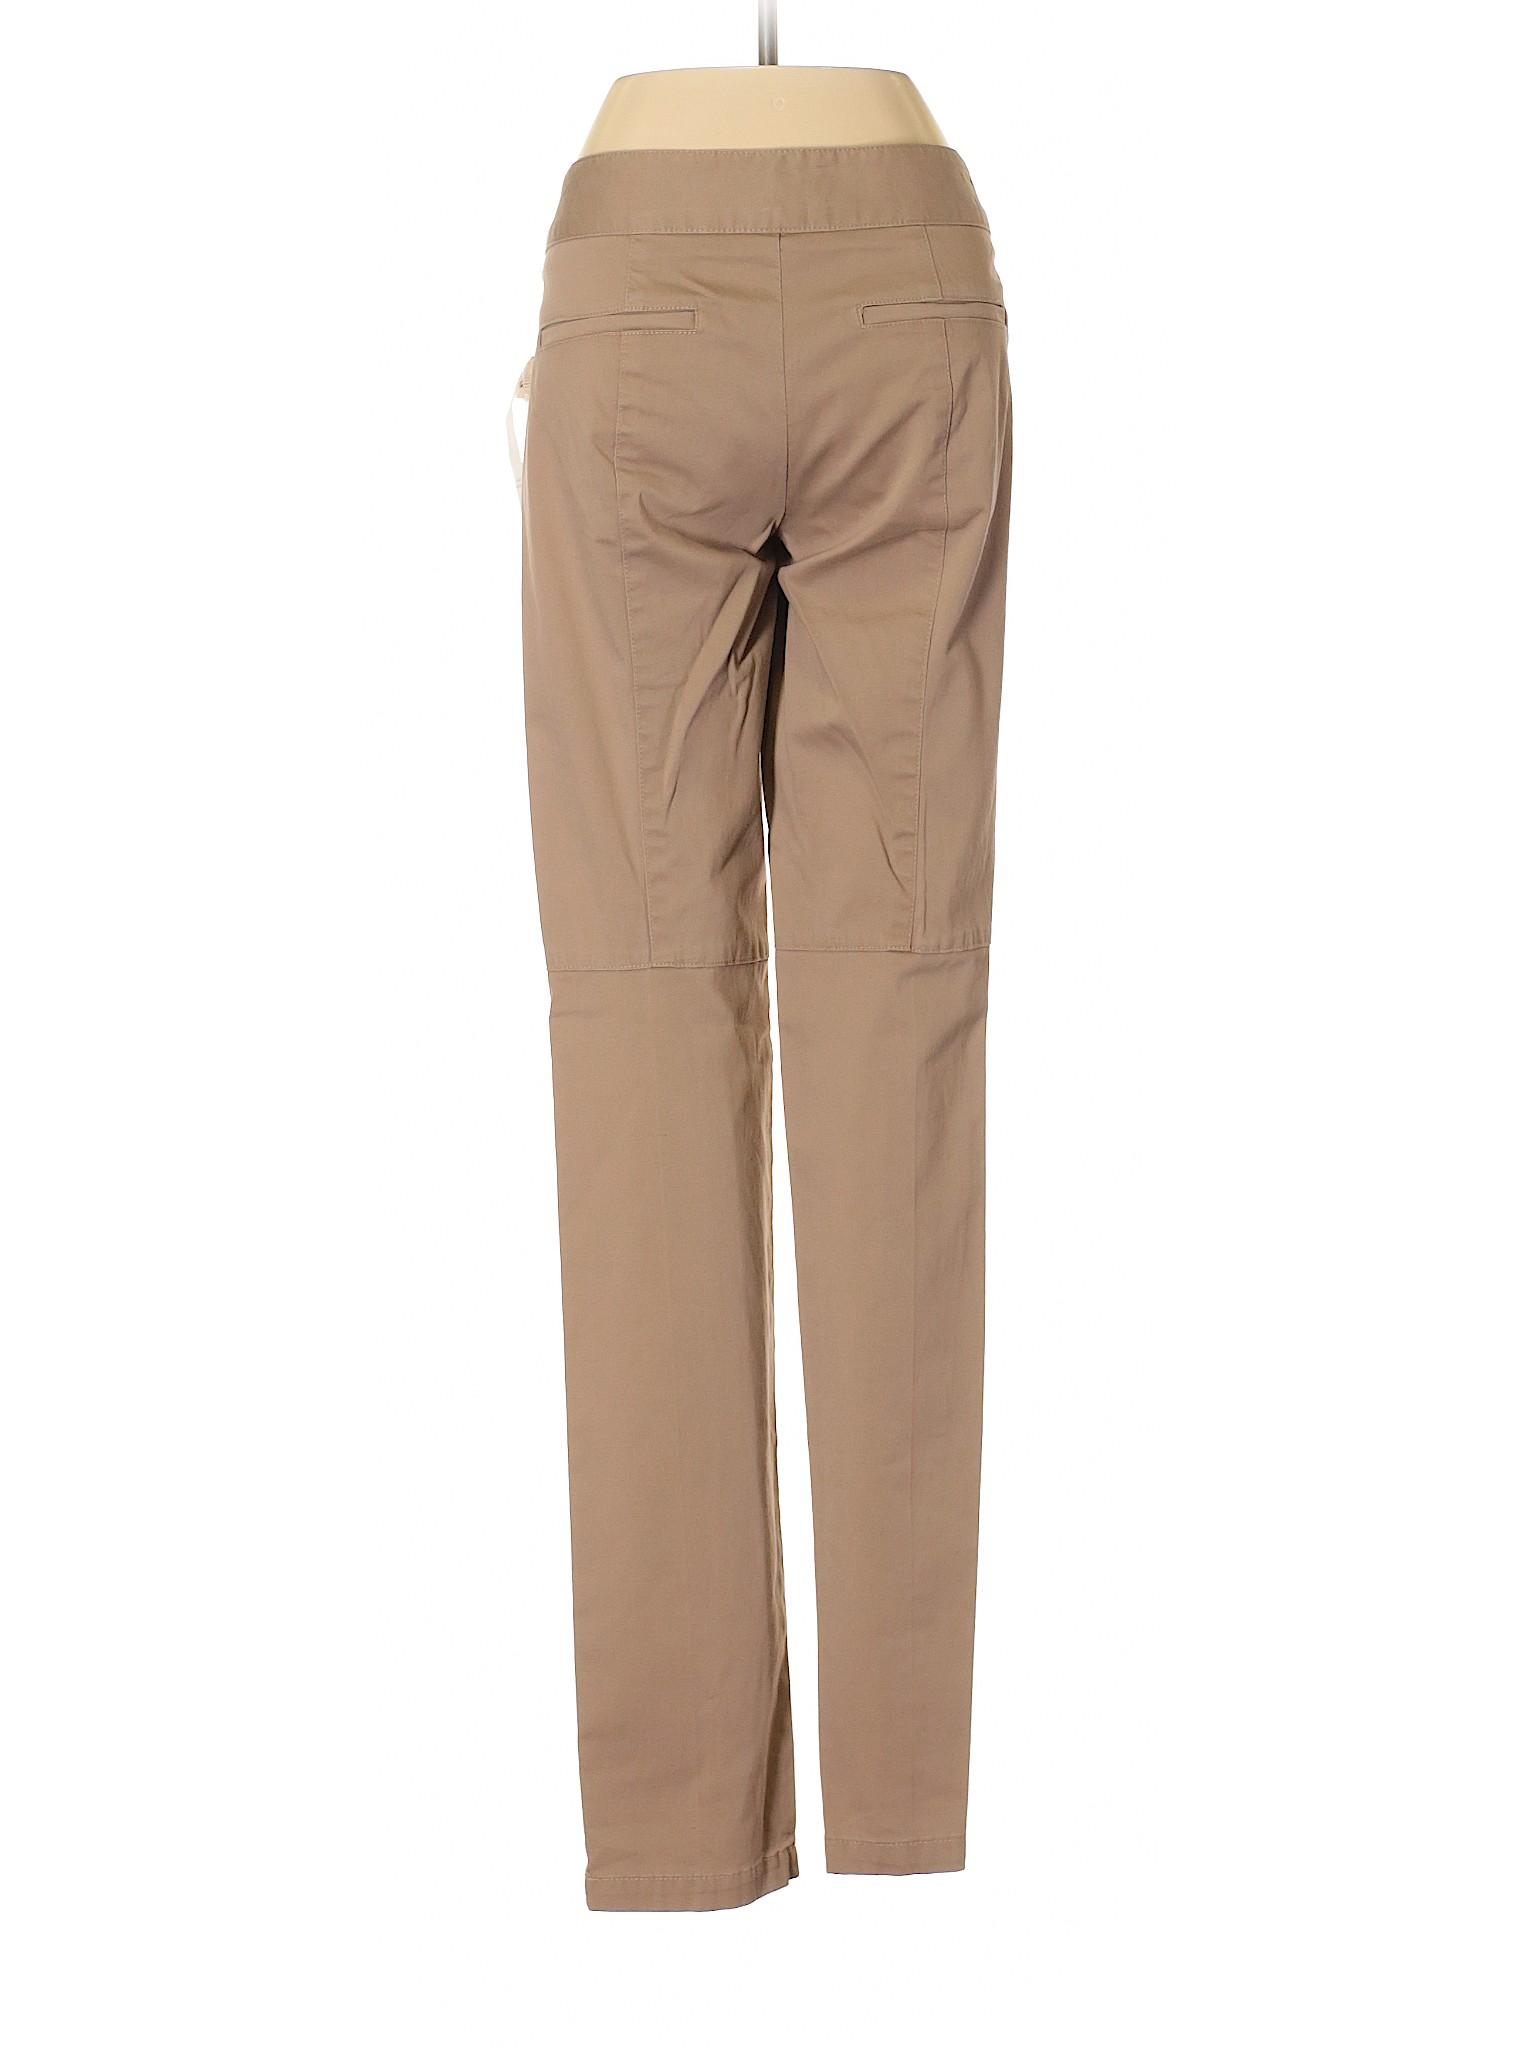 Boutique Pants Lepore Nanette Dress Leisure qwqxv1Br